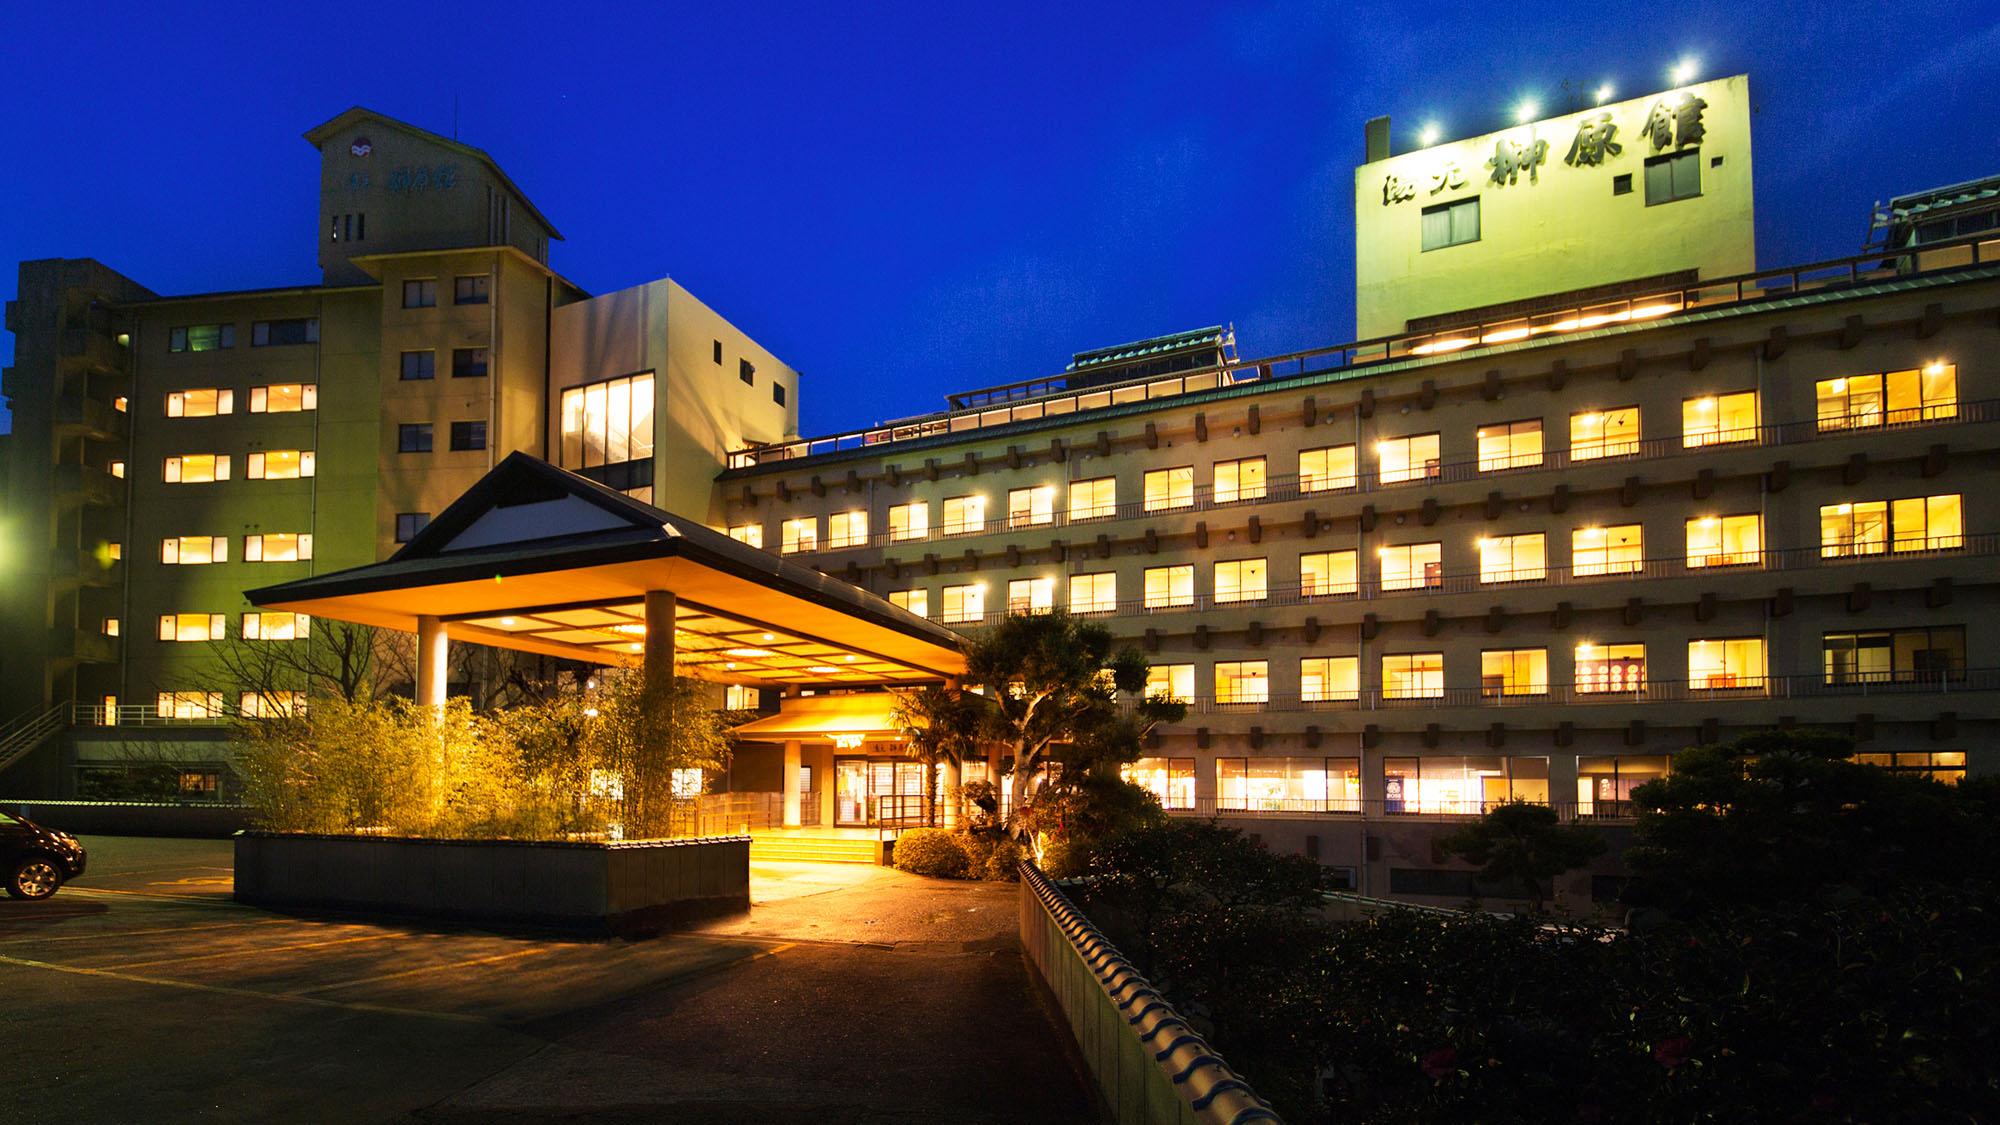 家族4人で4月に伊勢神宮と長島スパーランドに2泊3日で東京から旅行に行きたい。両方訪れる為の最良の宿地を教えて下さい。